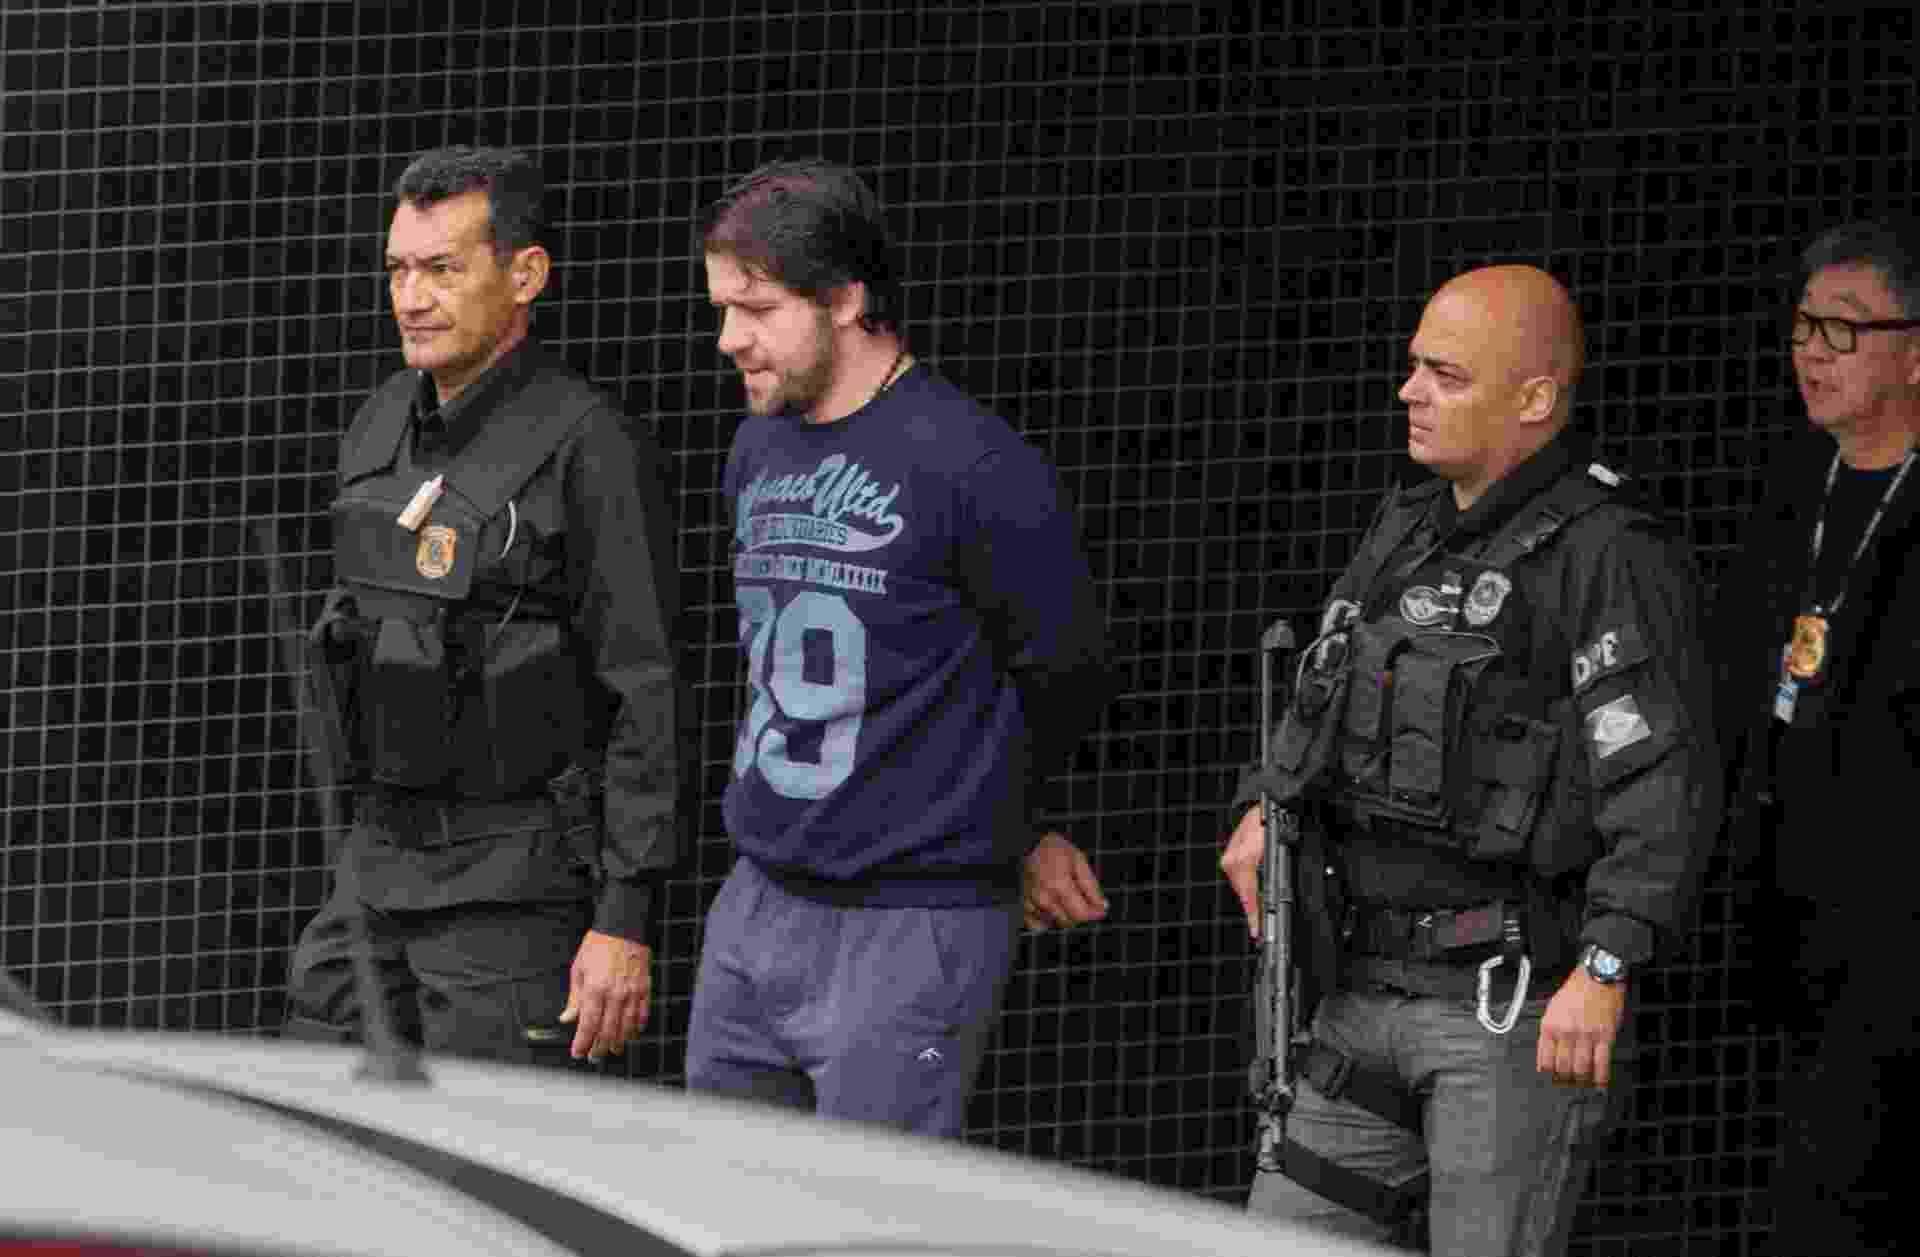 26.mai.2015 - O ex-deputado federal Luiz Argôlo (SD-BA), preso na Operação Lava Jato, é transferido da sede da Polícia Federal de Curitiba para o Complexo Médico-Penal do Paraná, em Pinhais, na região metropolitana da capital paranaense - Paulo Lisboa/Brazil Photo Press/Estadão Conteúdo